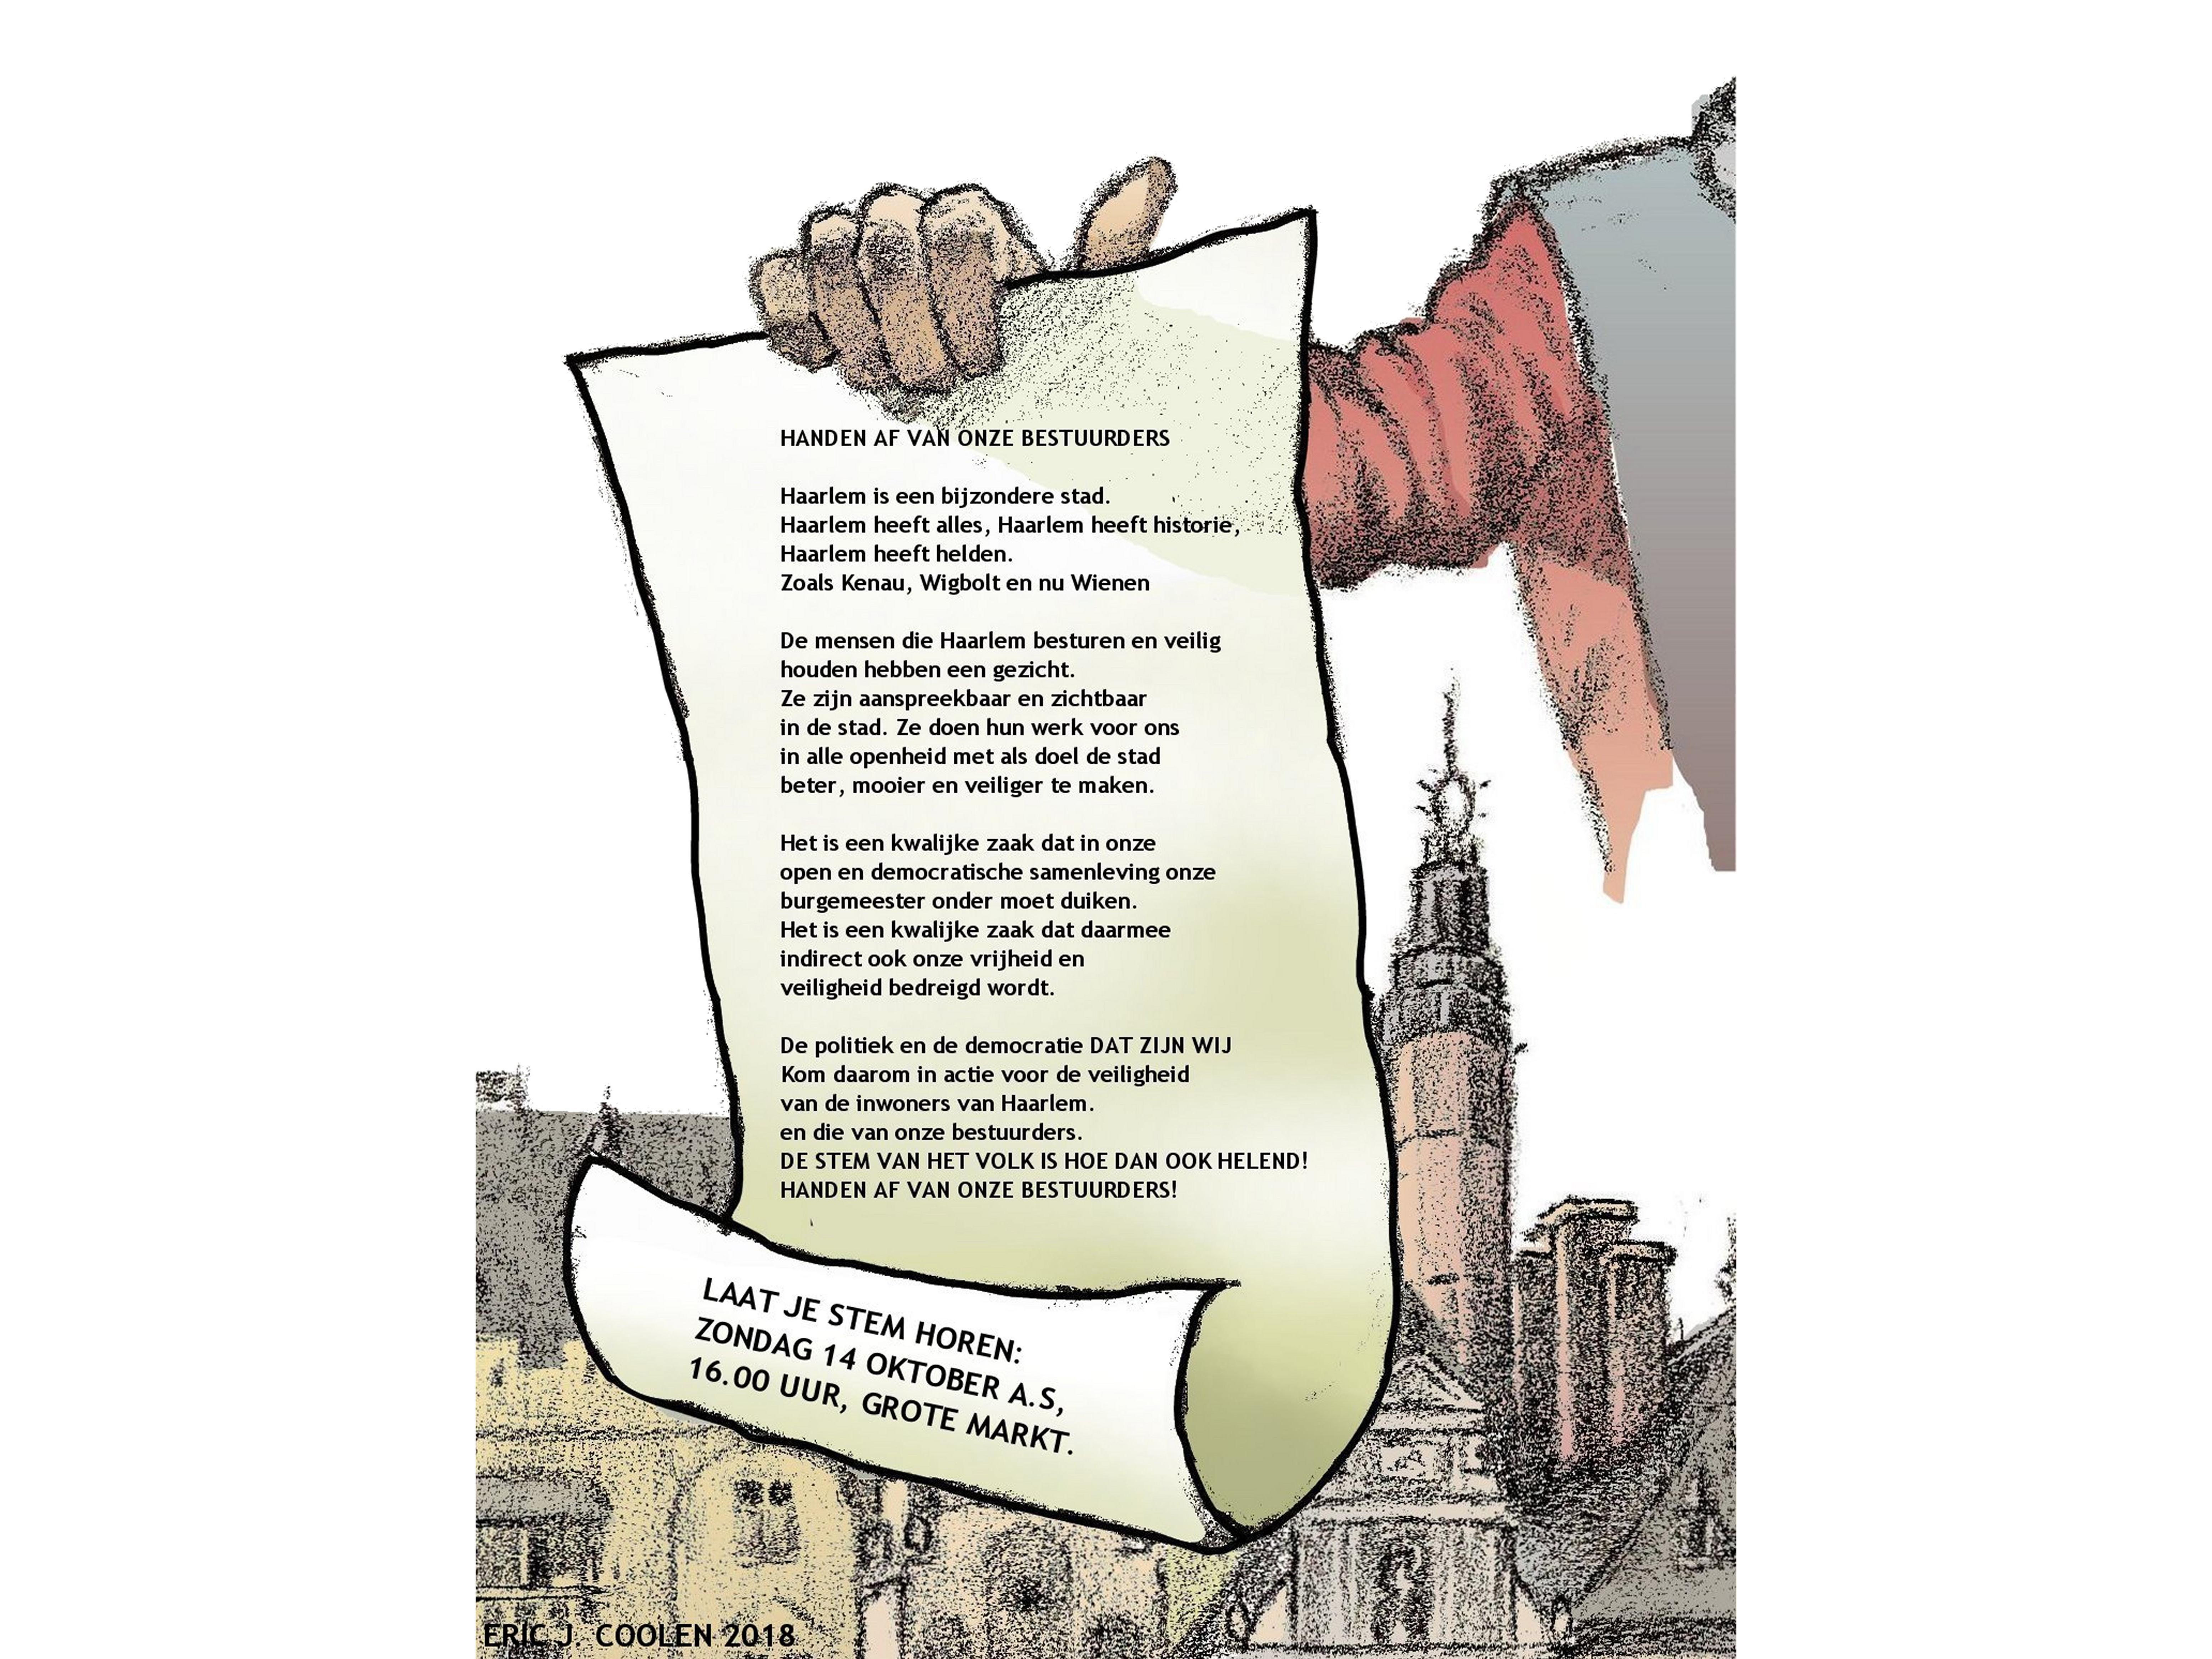 Demonstratie tegen bedreiging burgemeester Haarlem